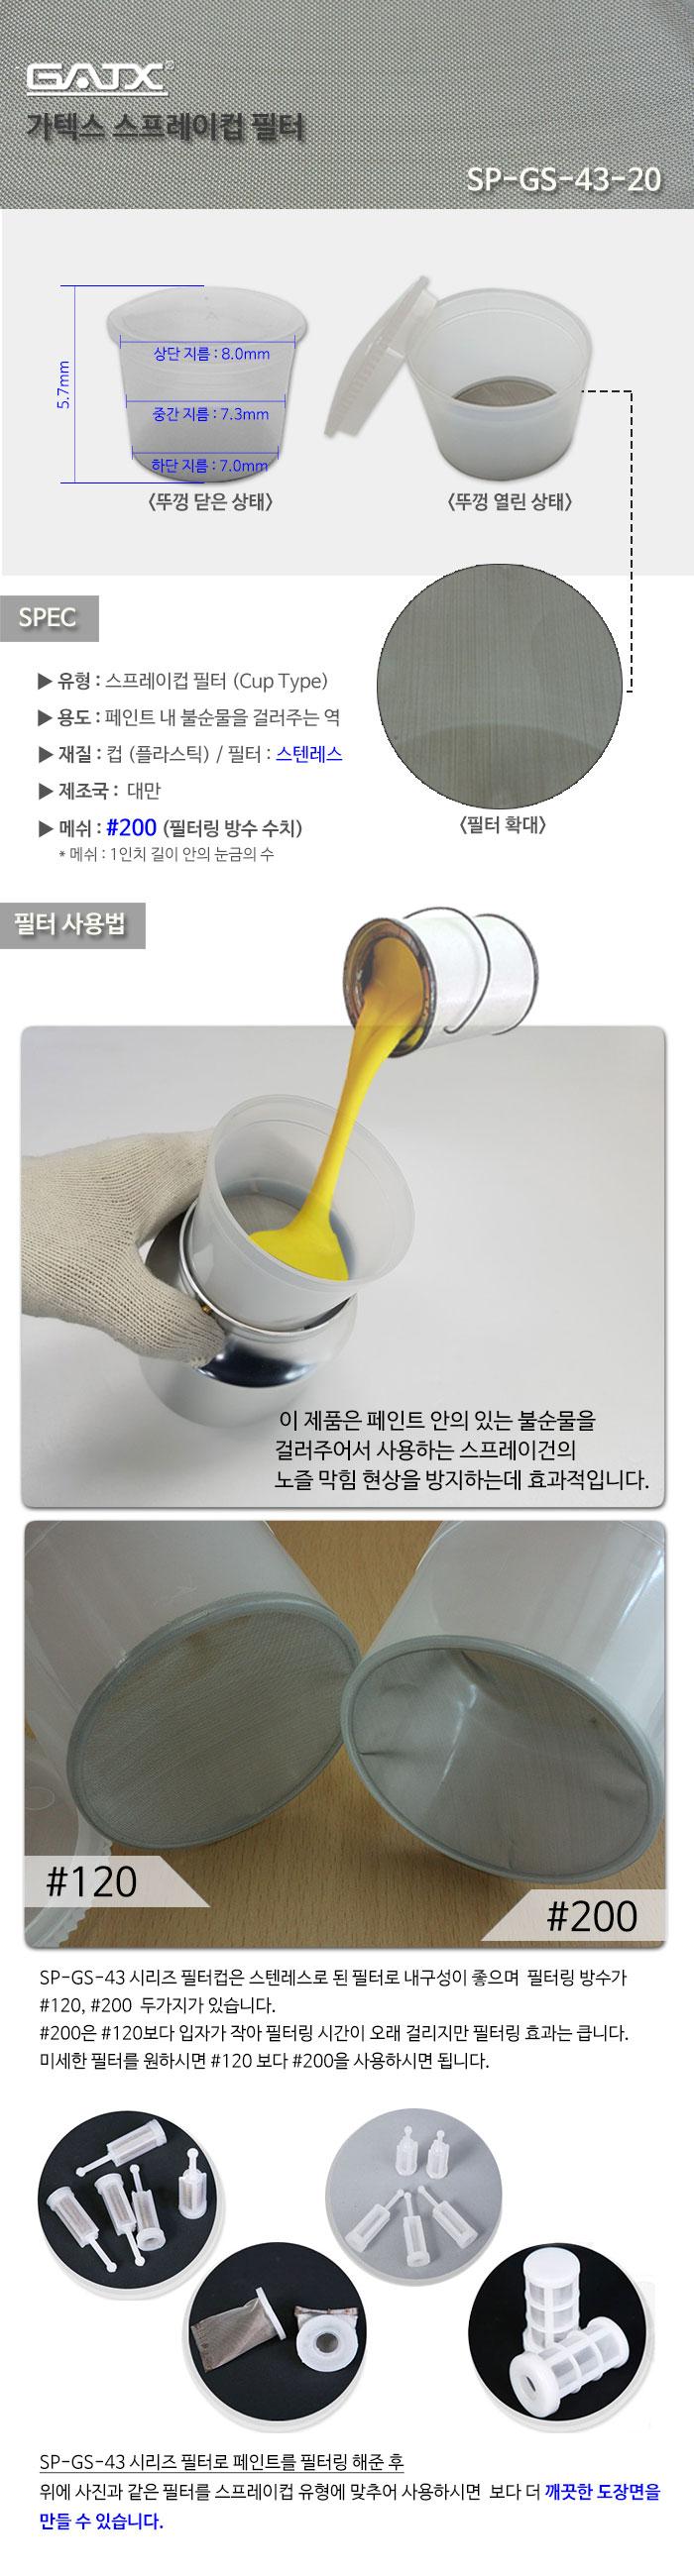 SP-GS-43-20_스프레이컵 필터_상세정보